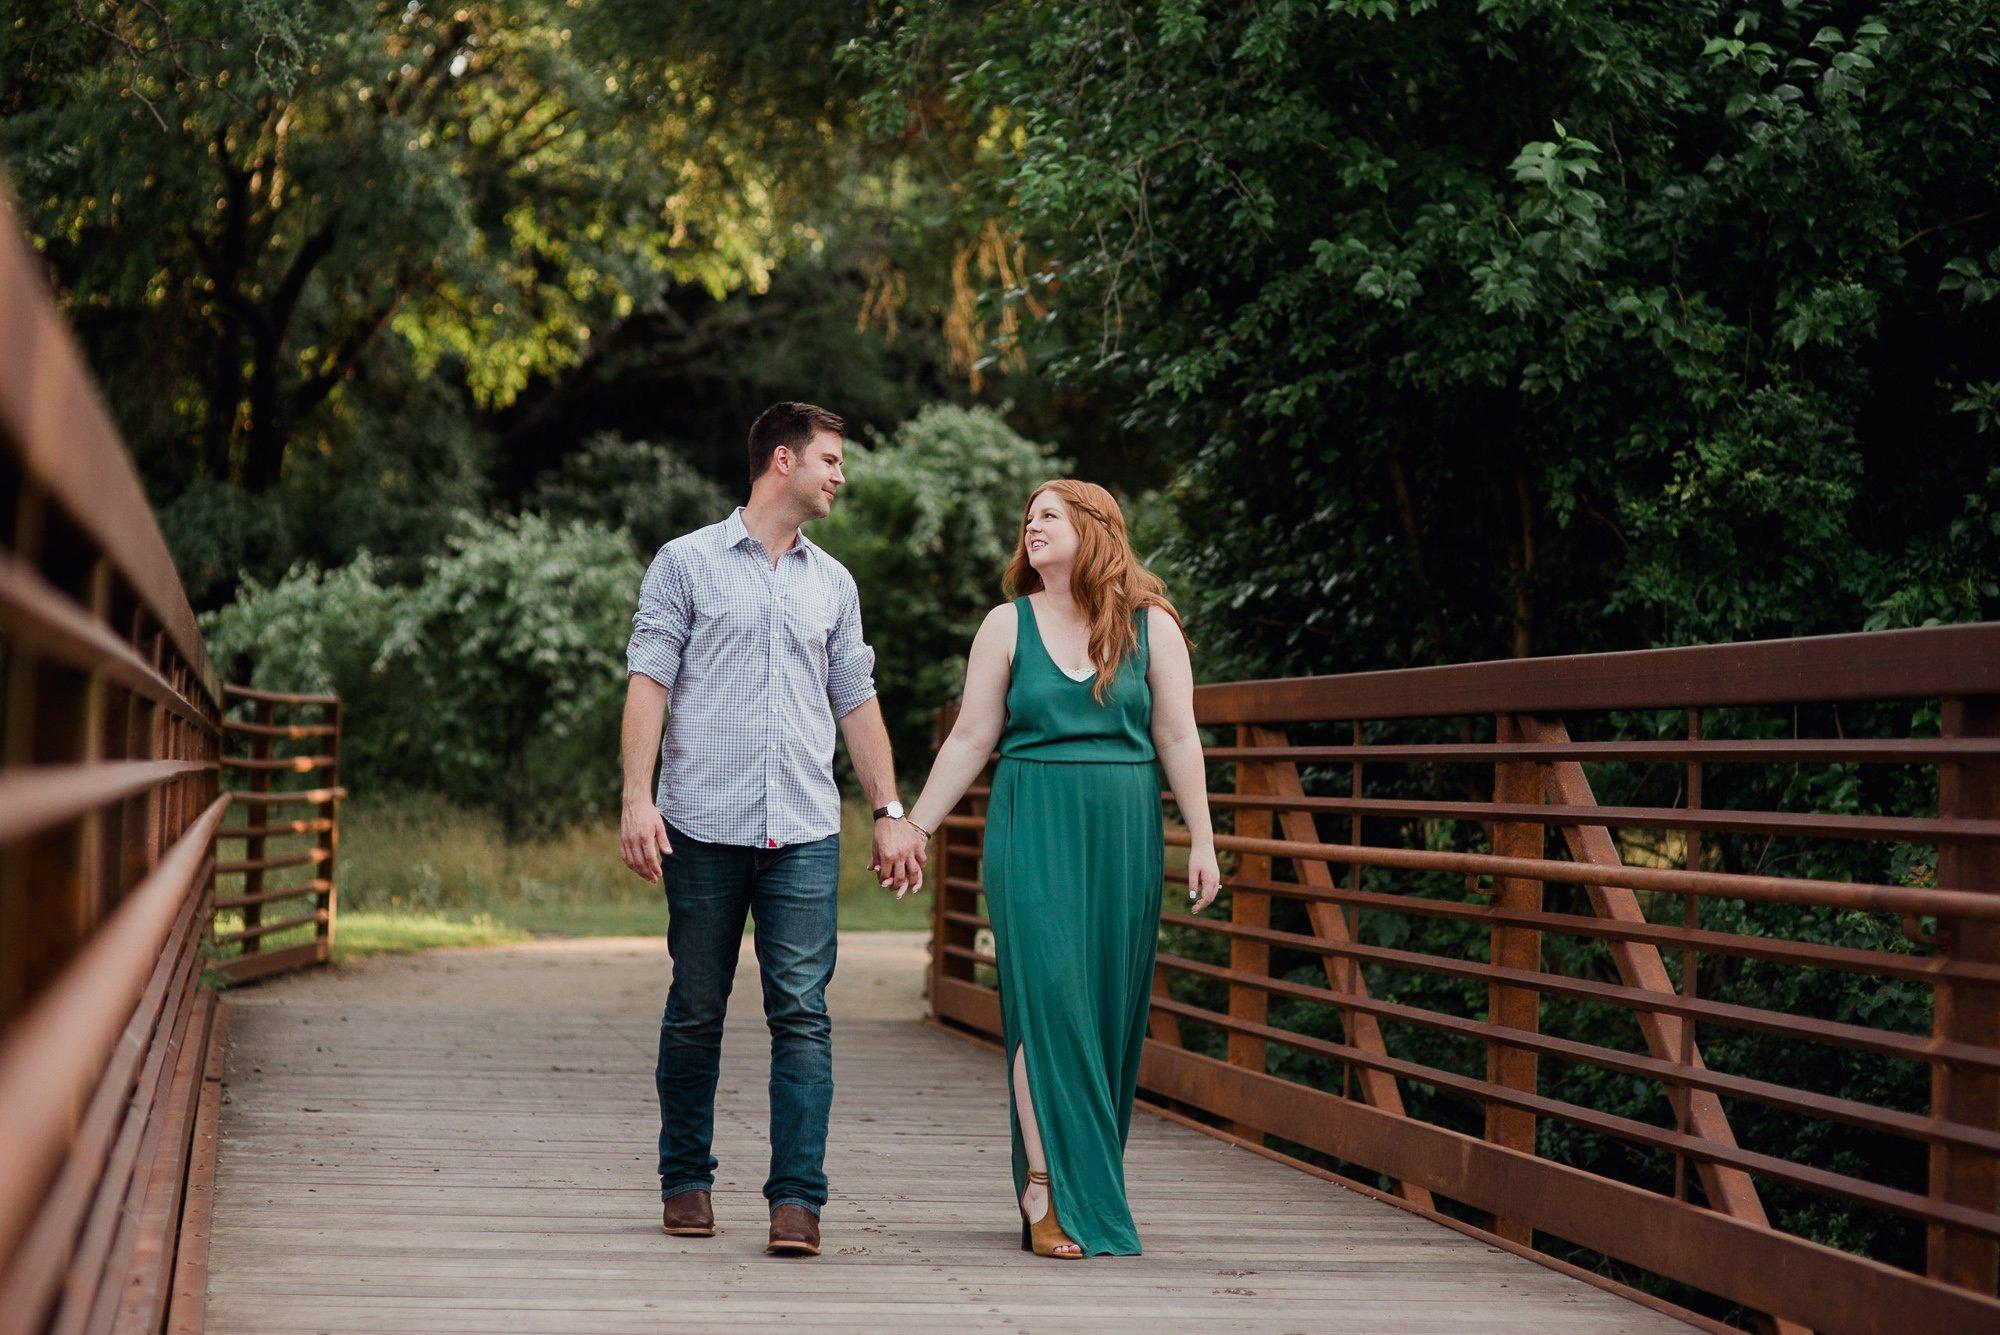 cedar park engagement session, couples session on a bridge in austin, brushy creek park engagement session, summer engagement photos at brushy creek park, park engagement photos in austin texas